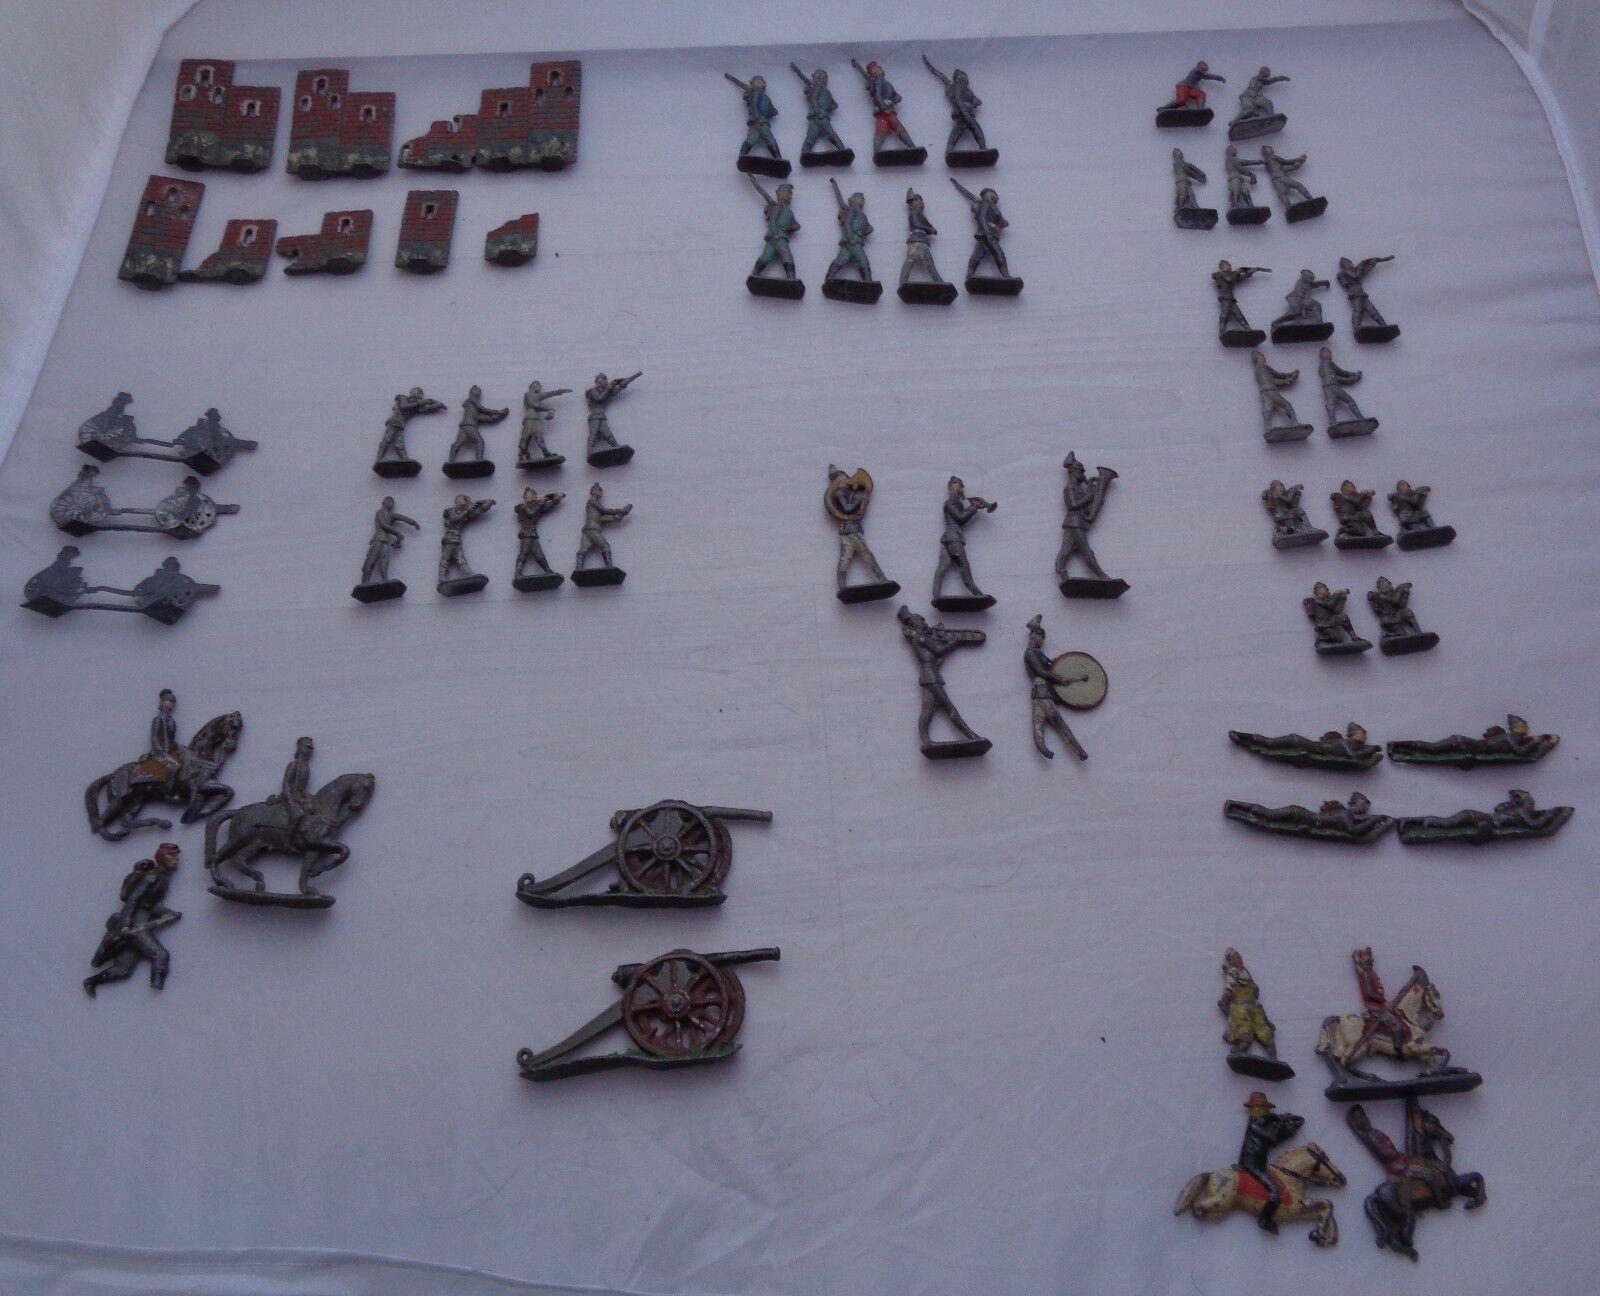 Muchos soldados lideraron lideraron lideraron a los soldados y los uniformes fueron pintados durante 800 años y 40 años. f71